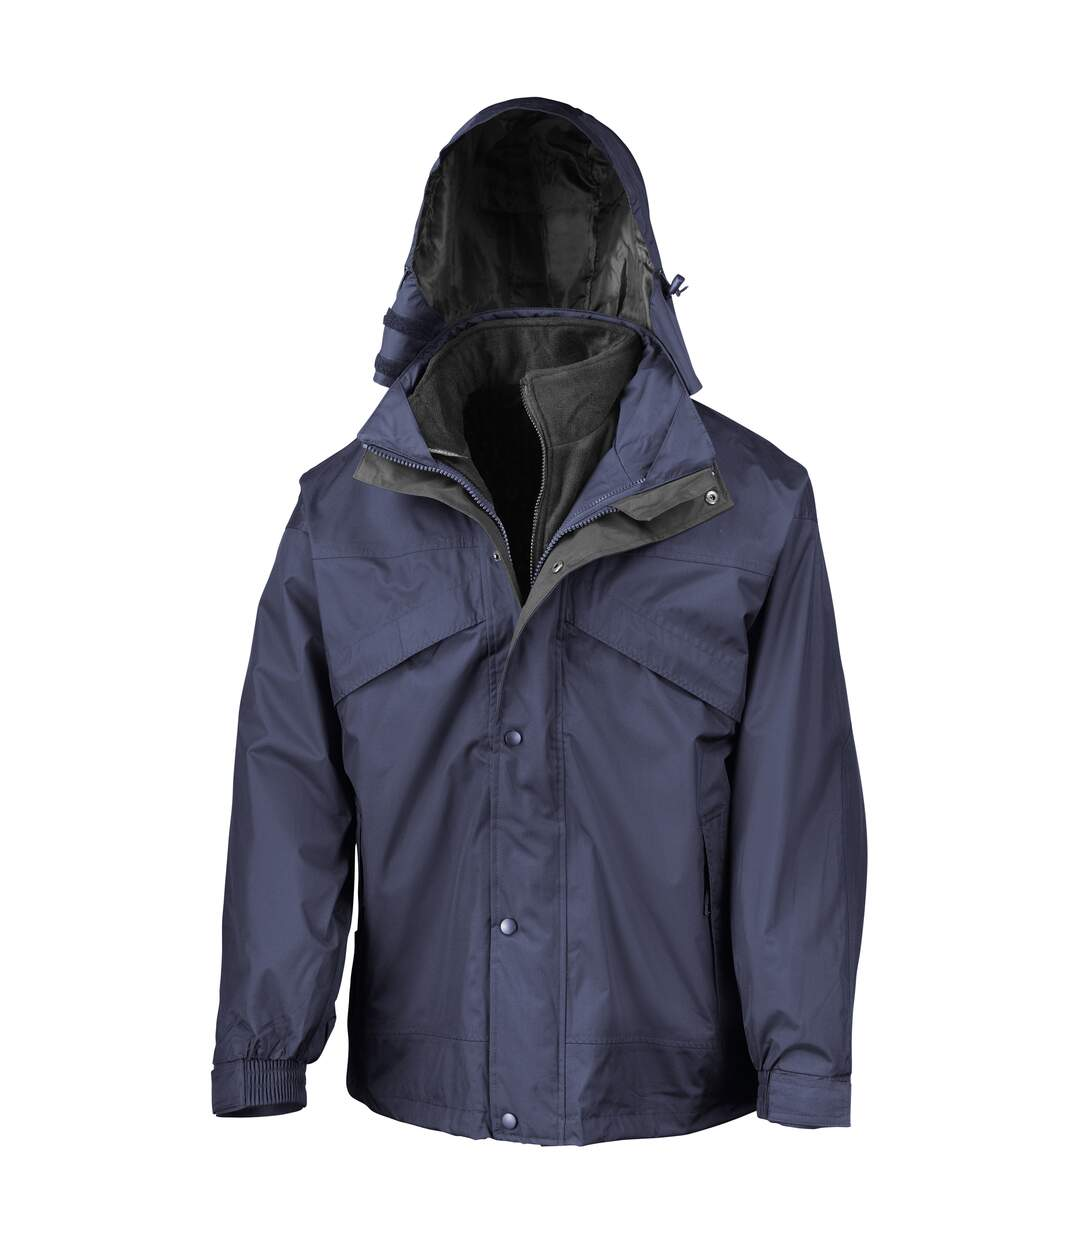 Result Mens 3 In 1 Zip And Clip StormDri Waterproof Windproof Jacket (Navy Blue) - UTBC930